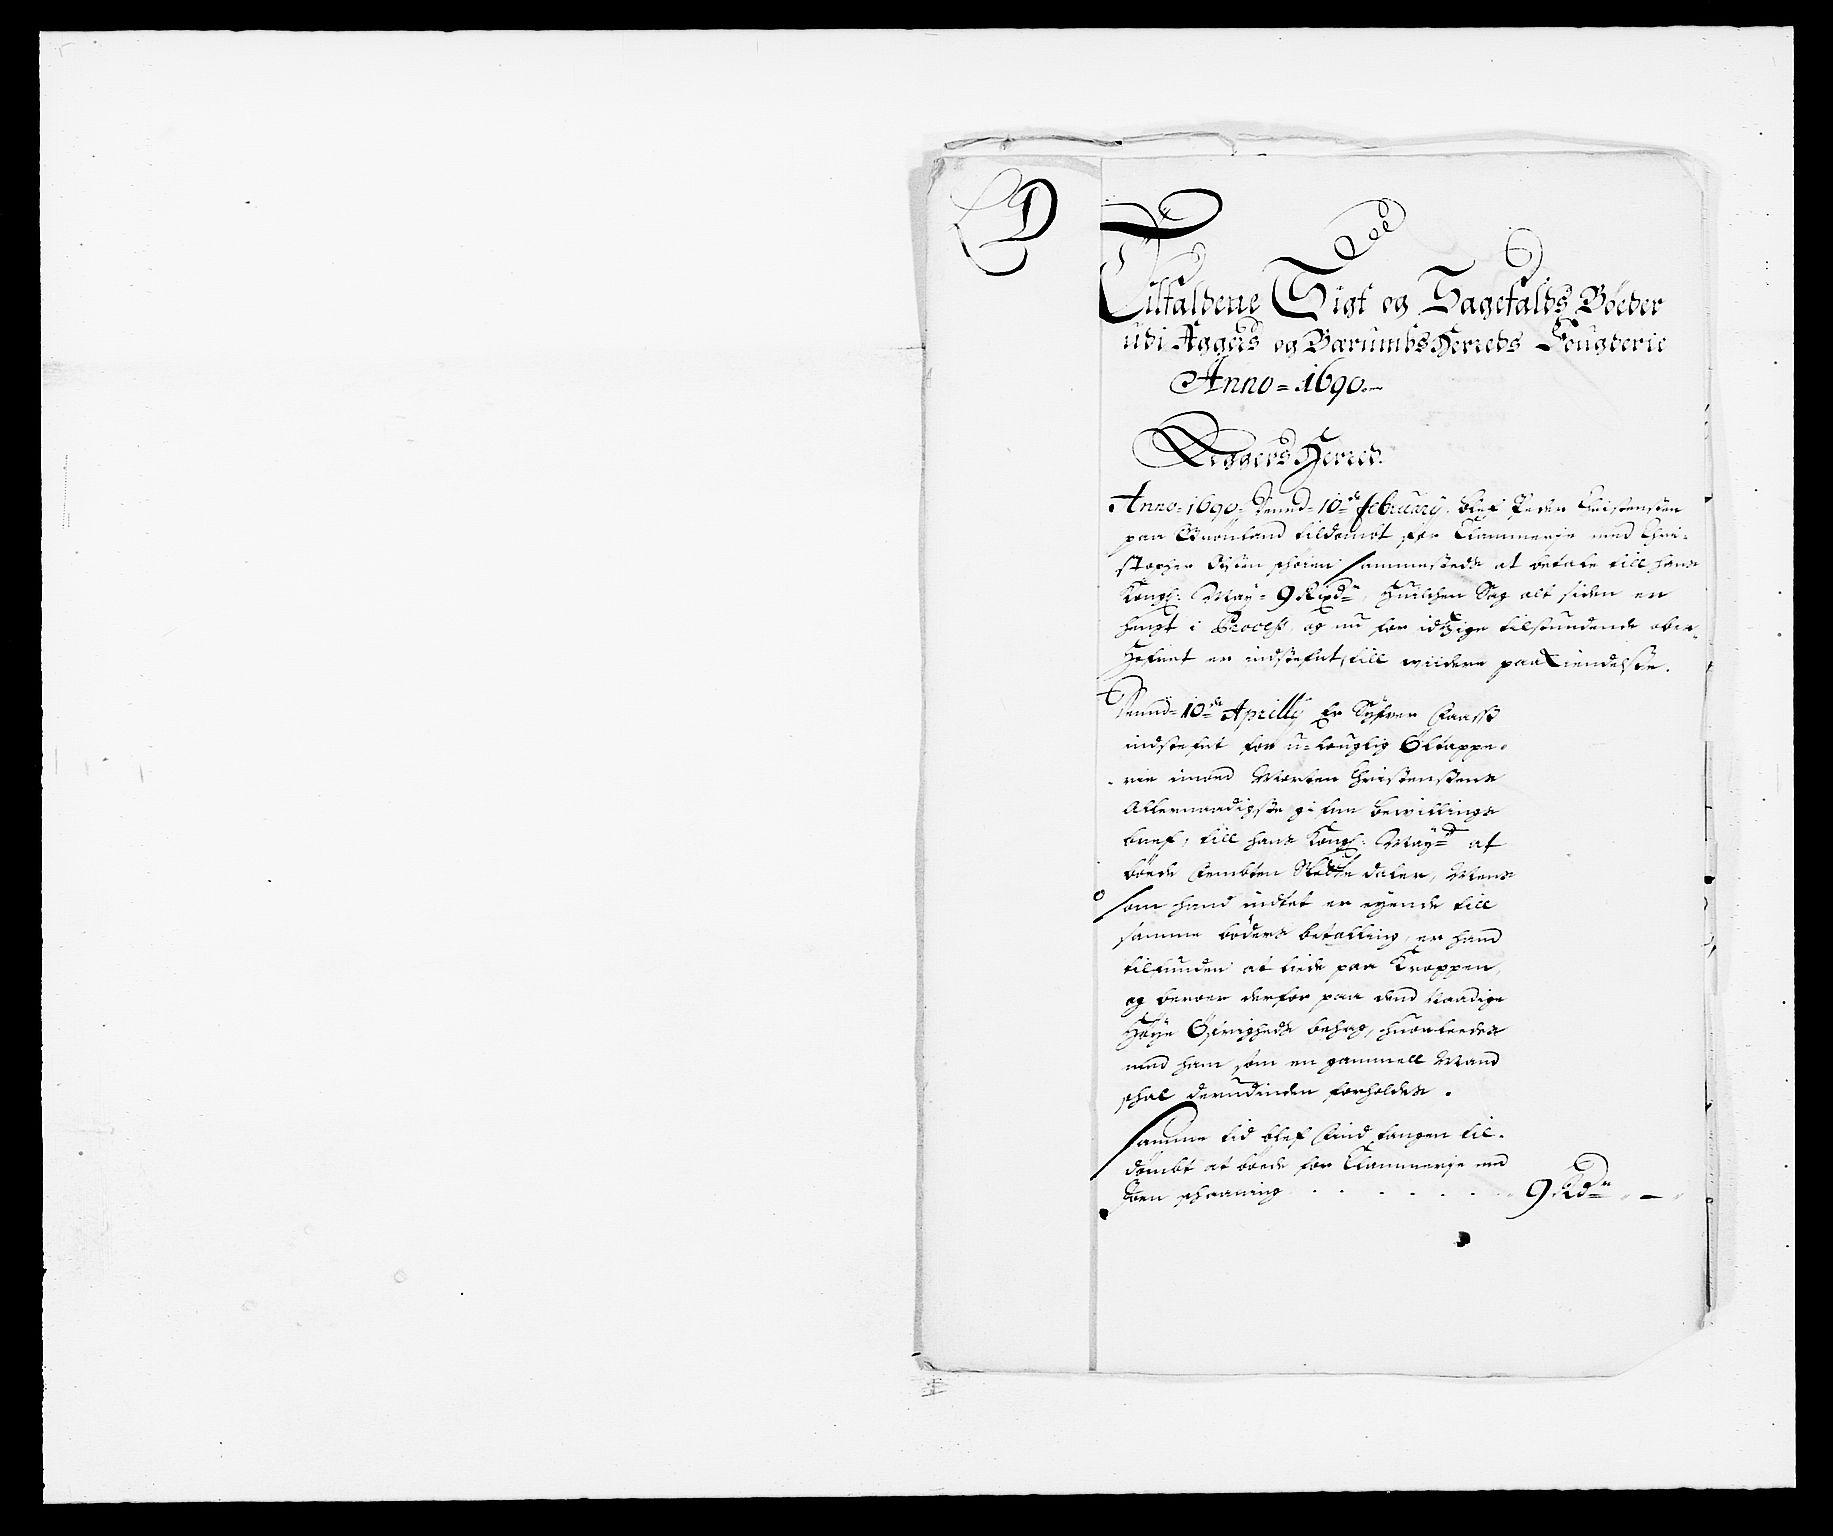 RA, Rentekammeret inntil 1814, Reviderte regnskaper, Fogderegnskap, R08/L0423: Fogderegnskap Aker, 1687-1689, s. 193